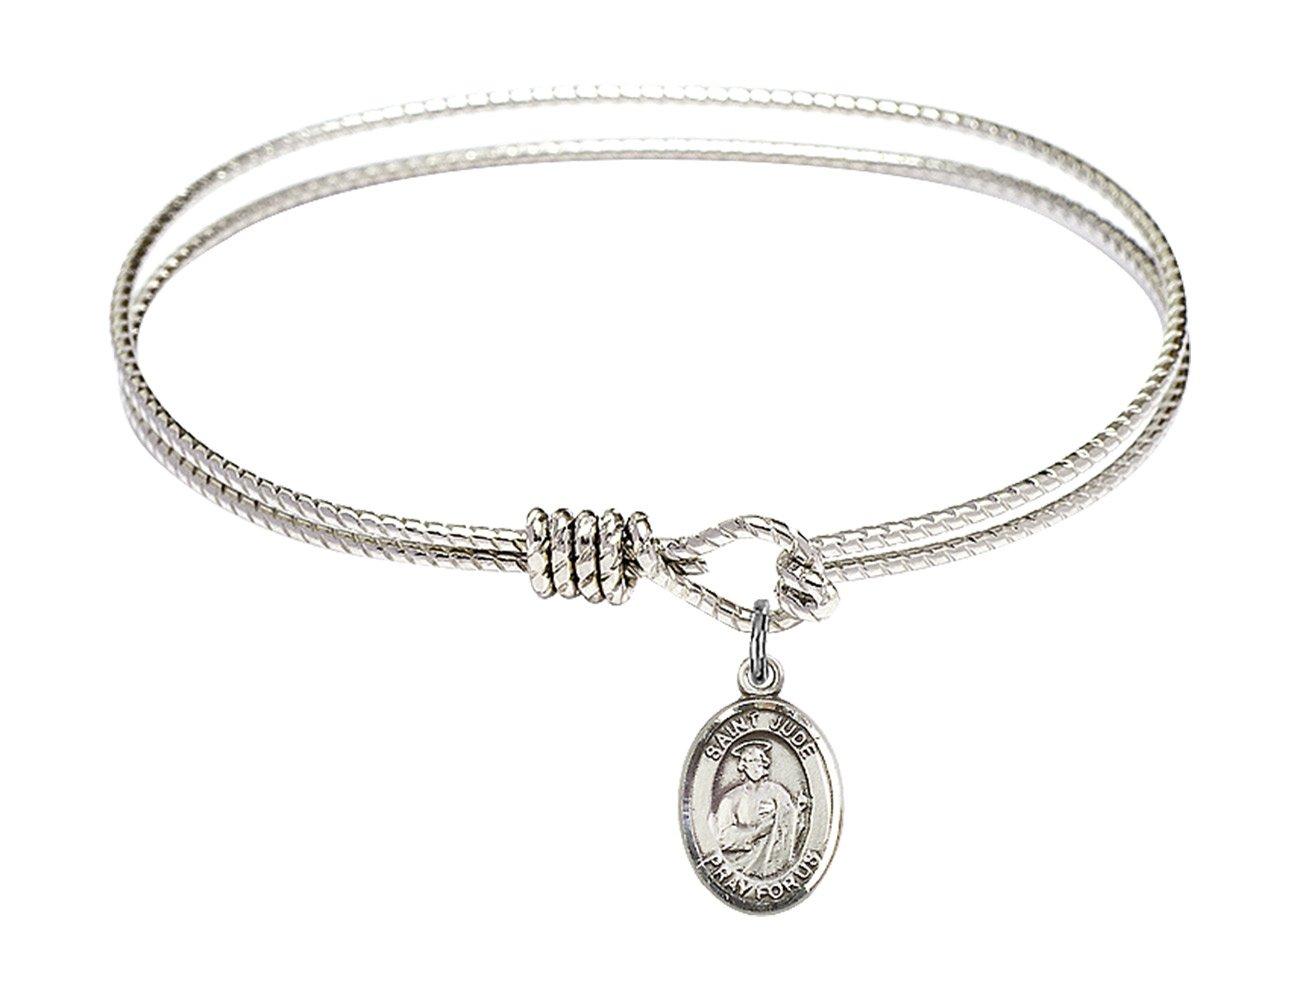 6 1/4 inch Oval Eye Hook Bangle Bracelet w/ St. Jude Thaddeus in Sterling Silver